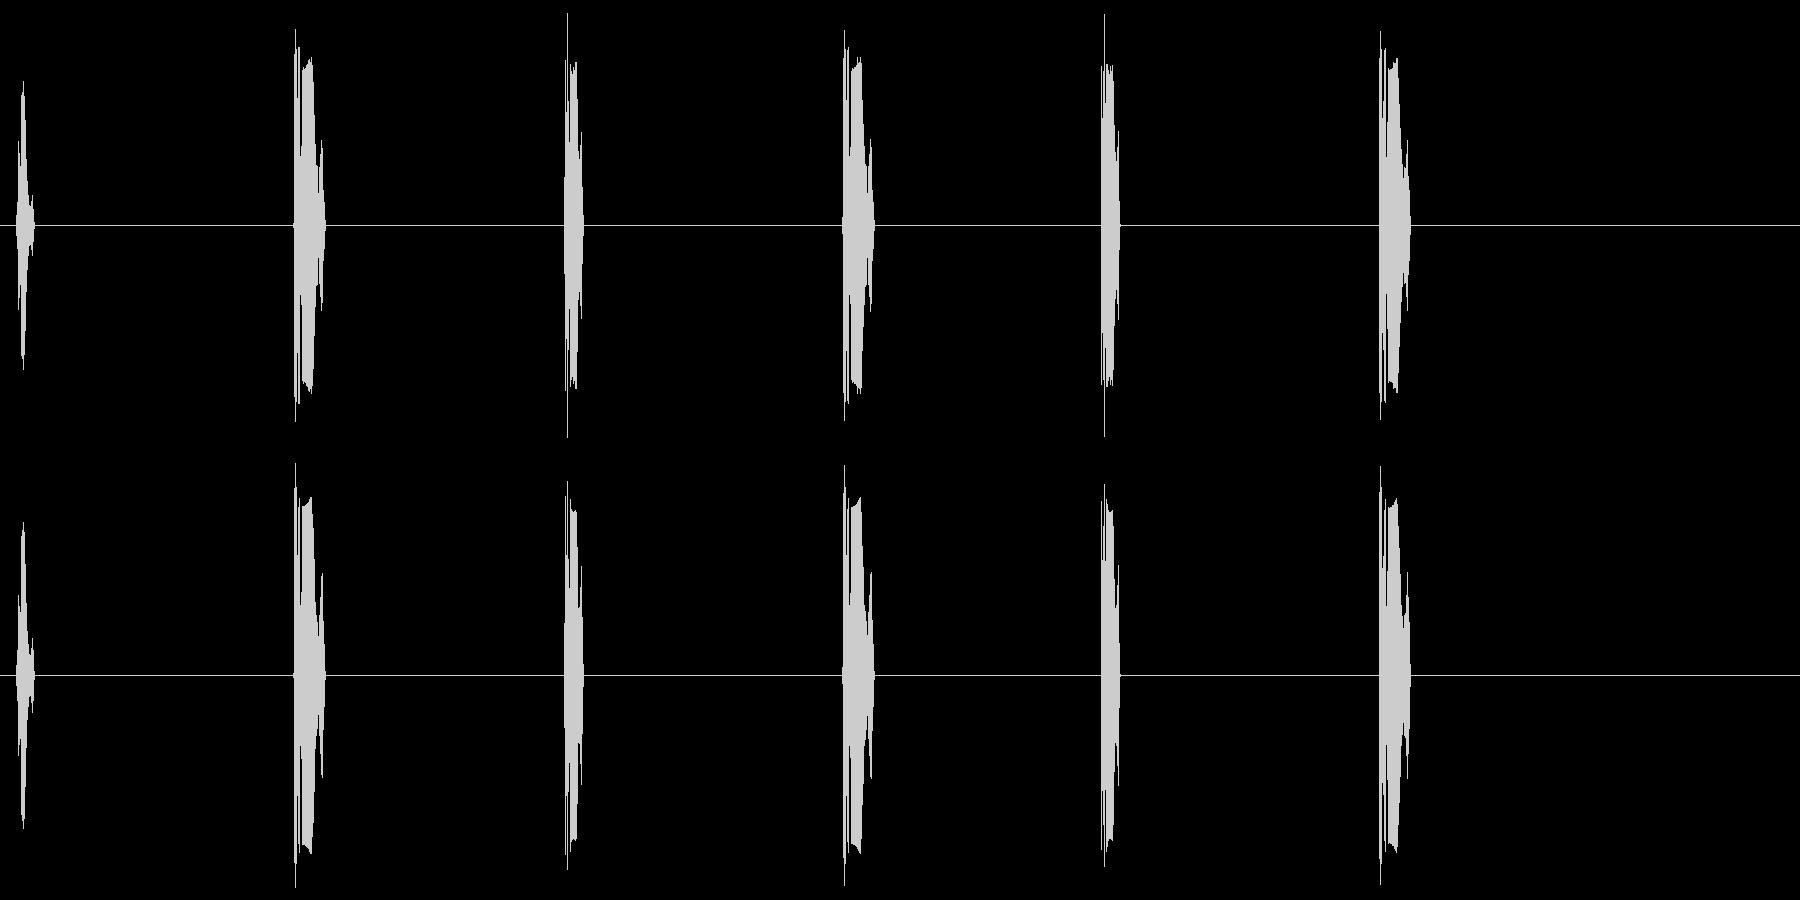 よちよちあるきの効果音の未再生の波形